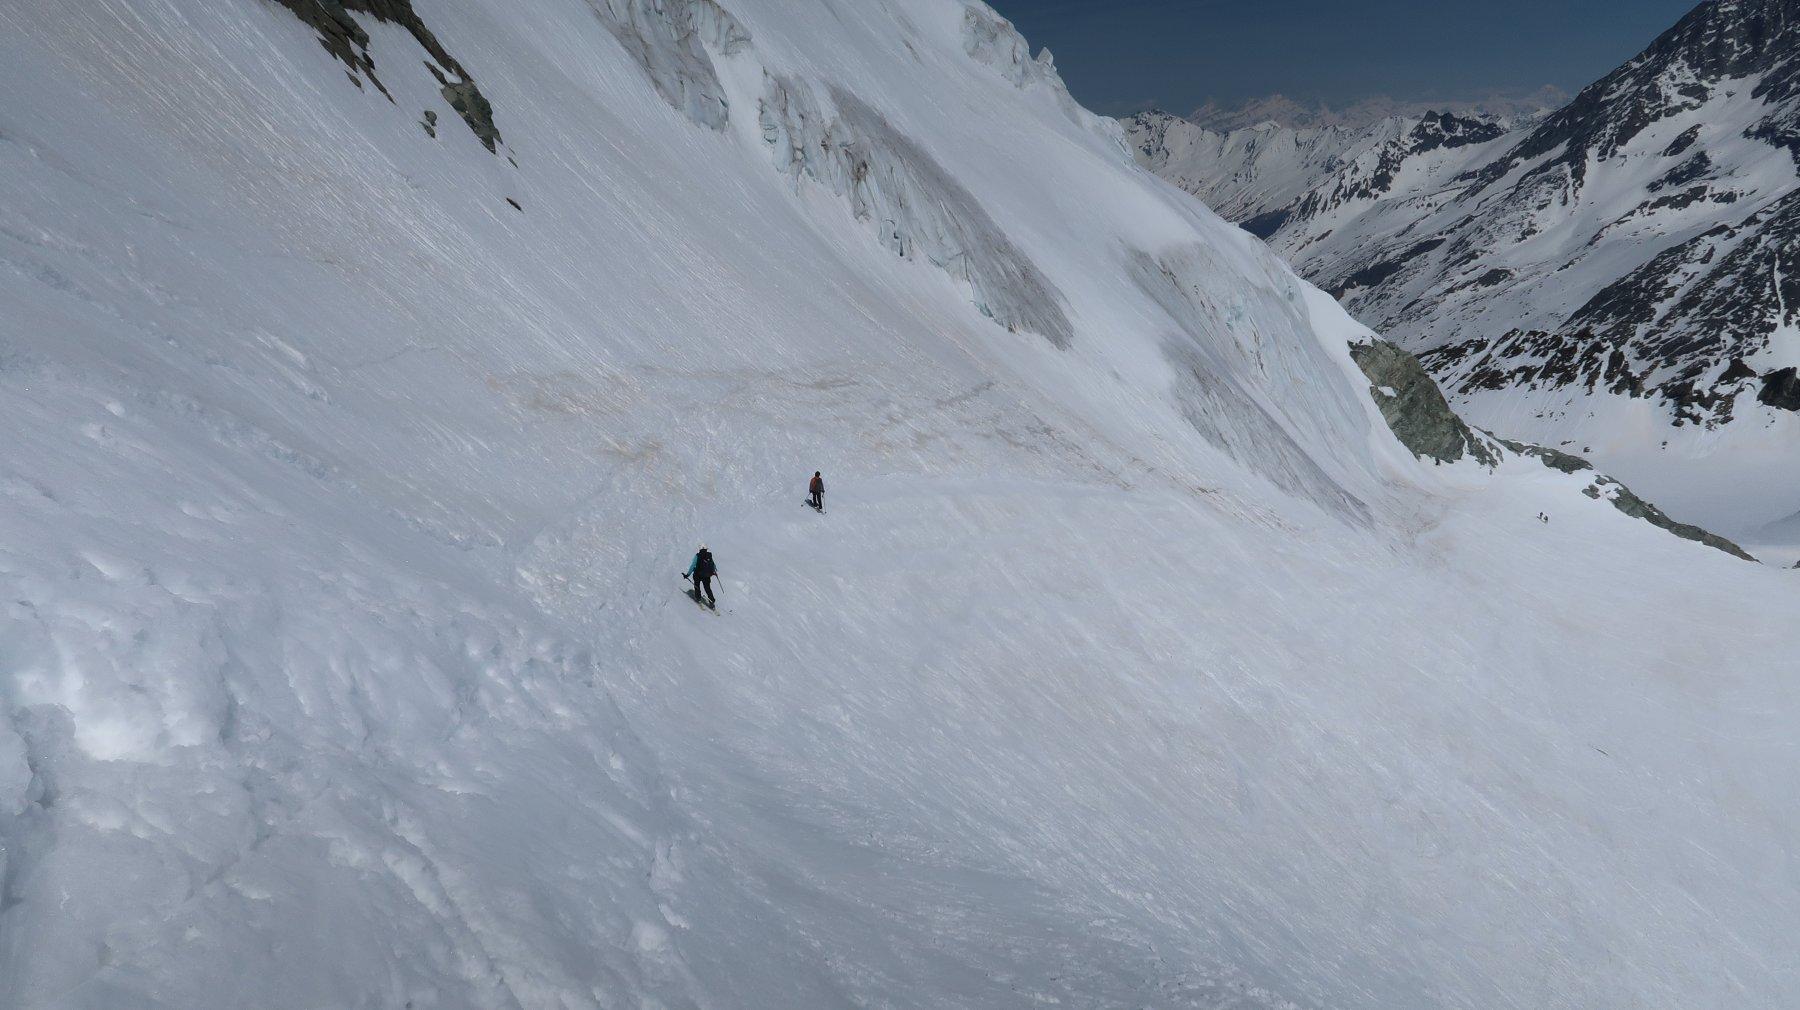 con neve mollata il giusto sul fondo durissimo si può derapare alti per tornare al Col des Vignettes senza risalire